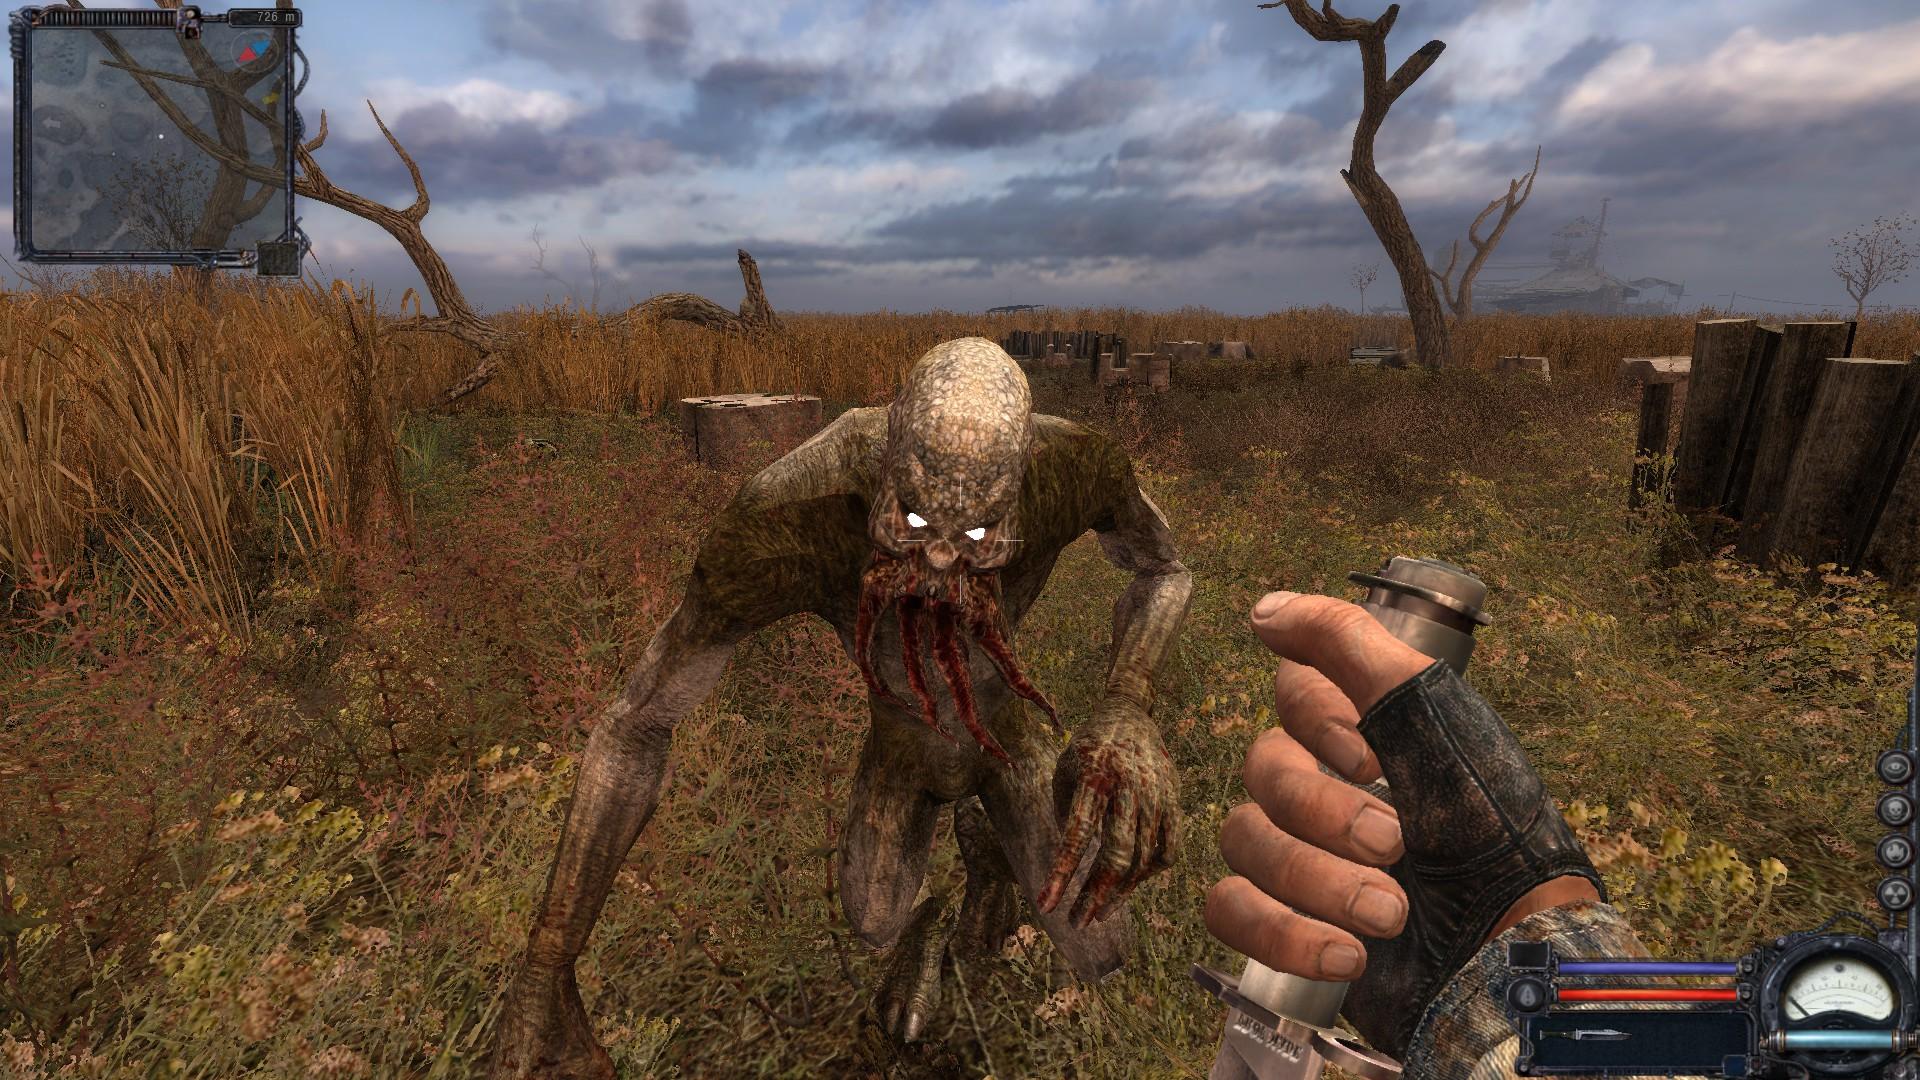 Fichier:Swamp bloodsucker.jpg